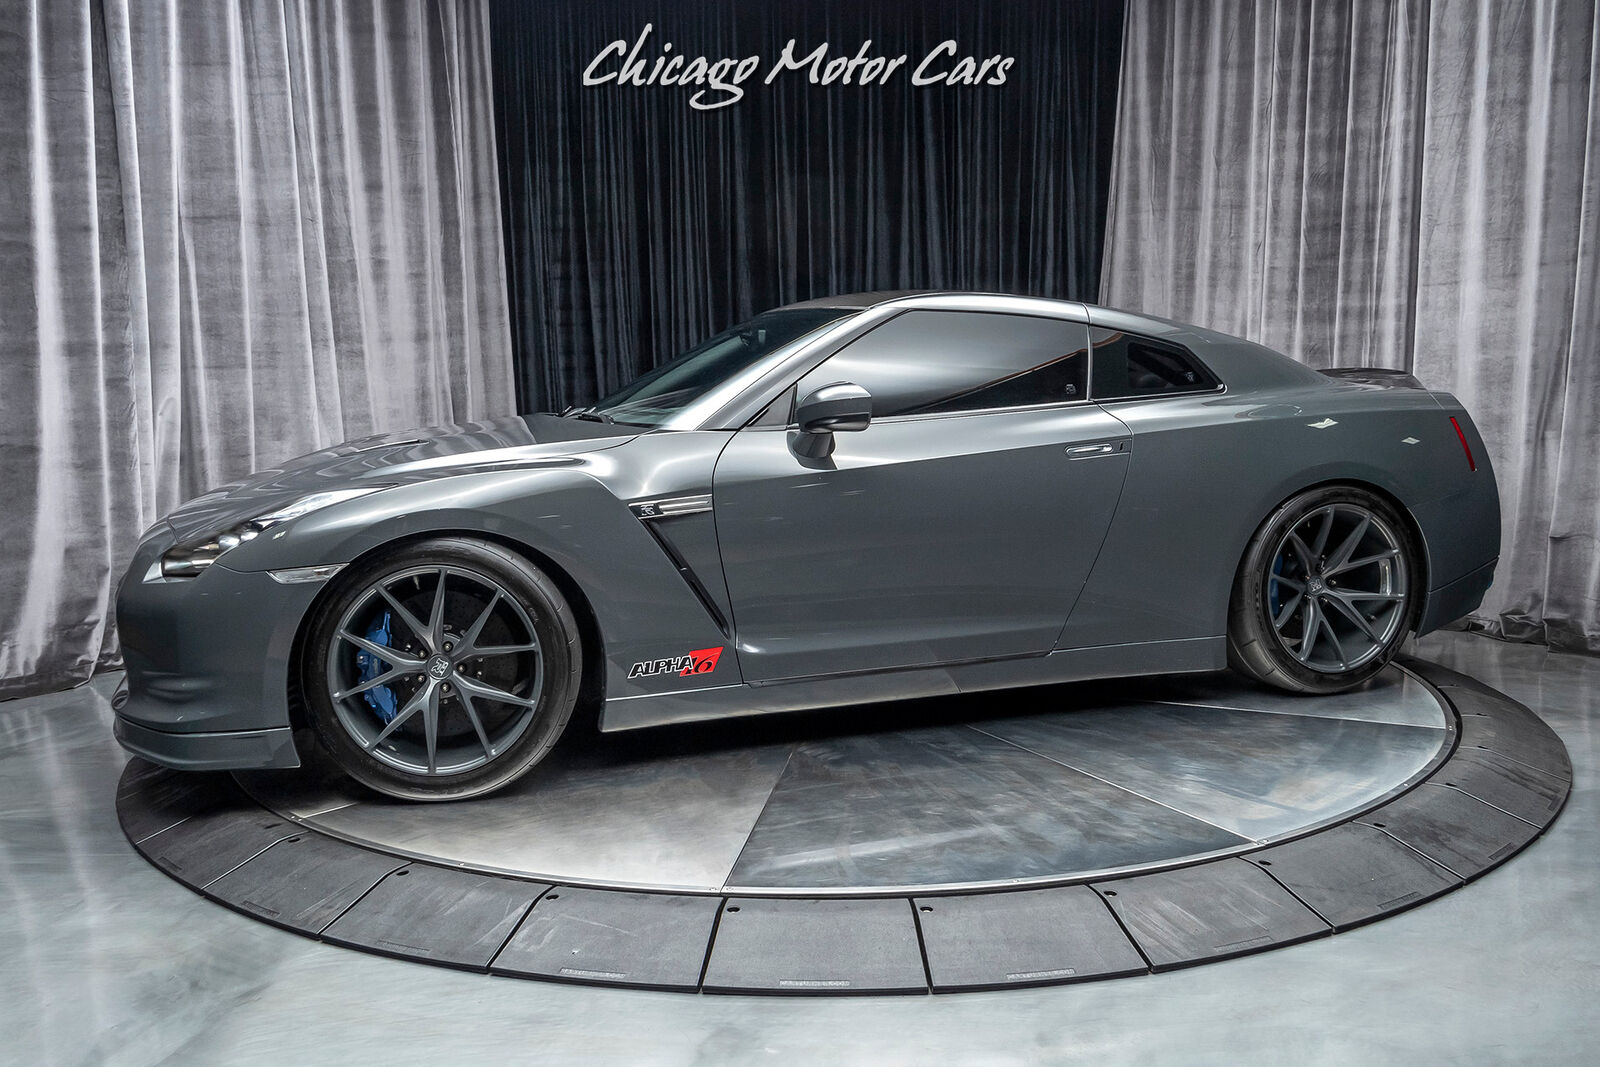 2010 Nissan GT-R Premium Alpha 16 4.1L FRESH BUILD! MOTEC! 2dr Coupe Lamborghini